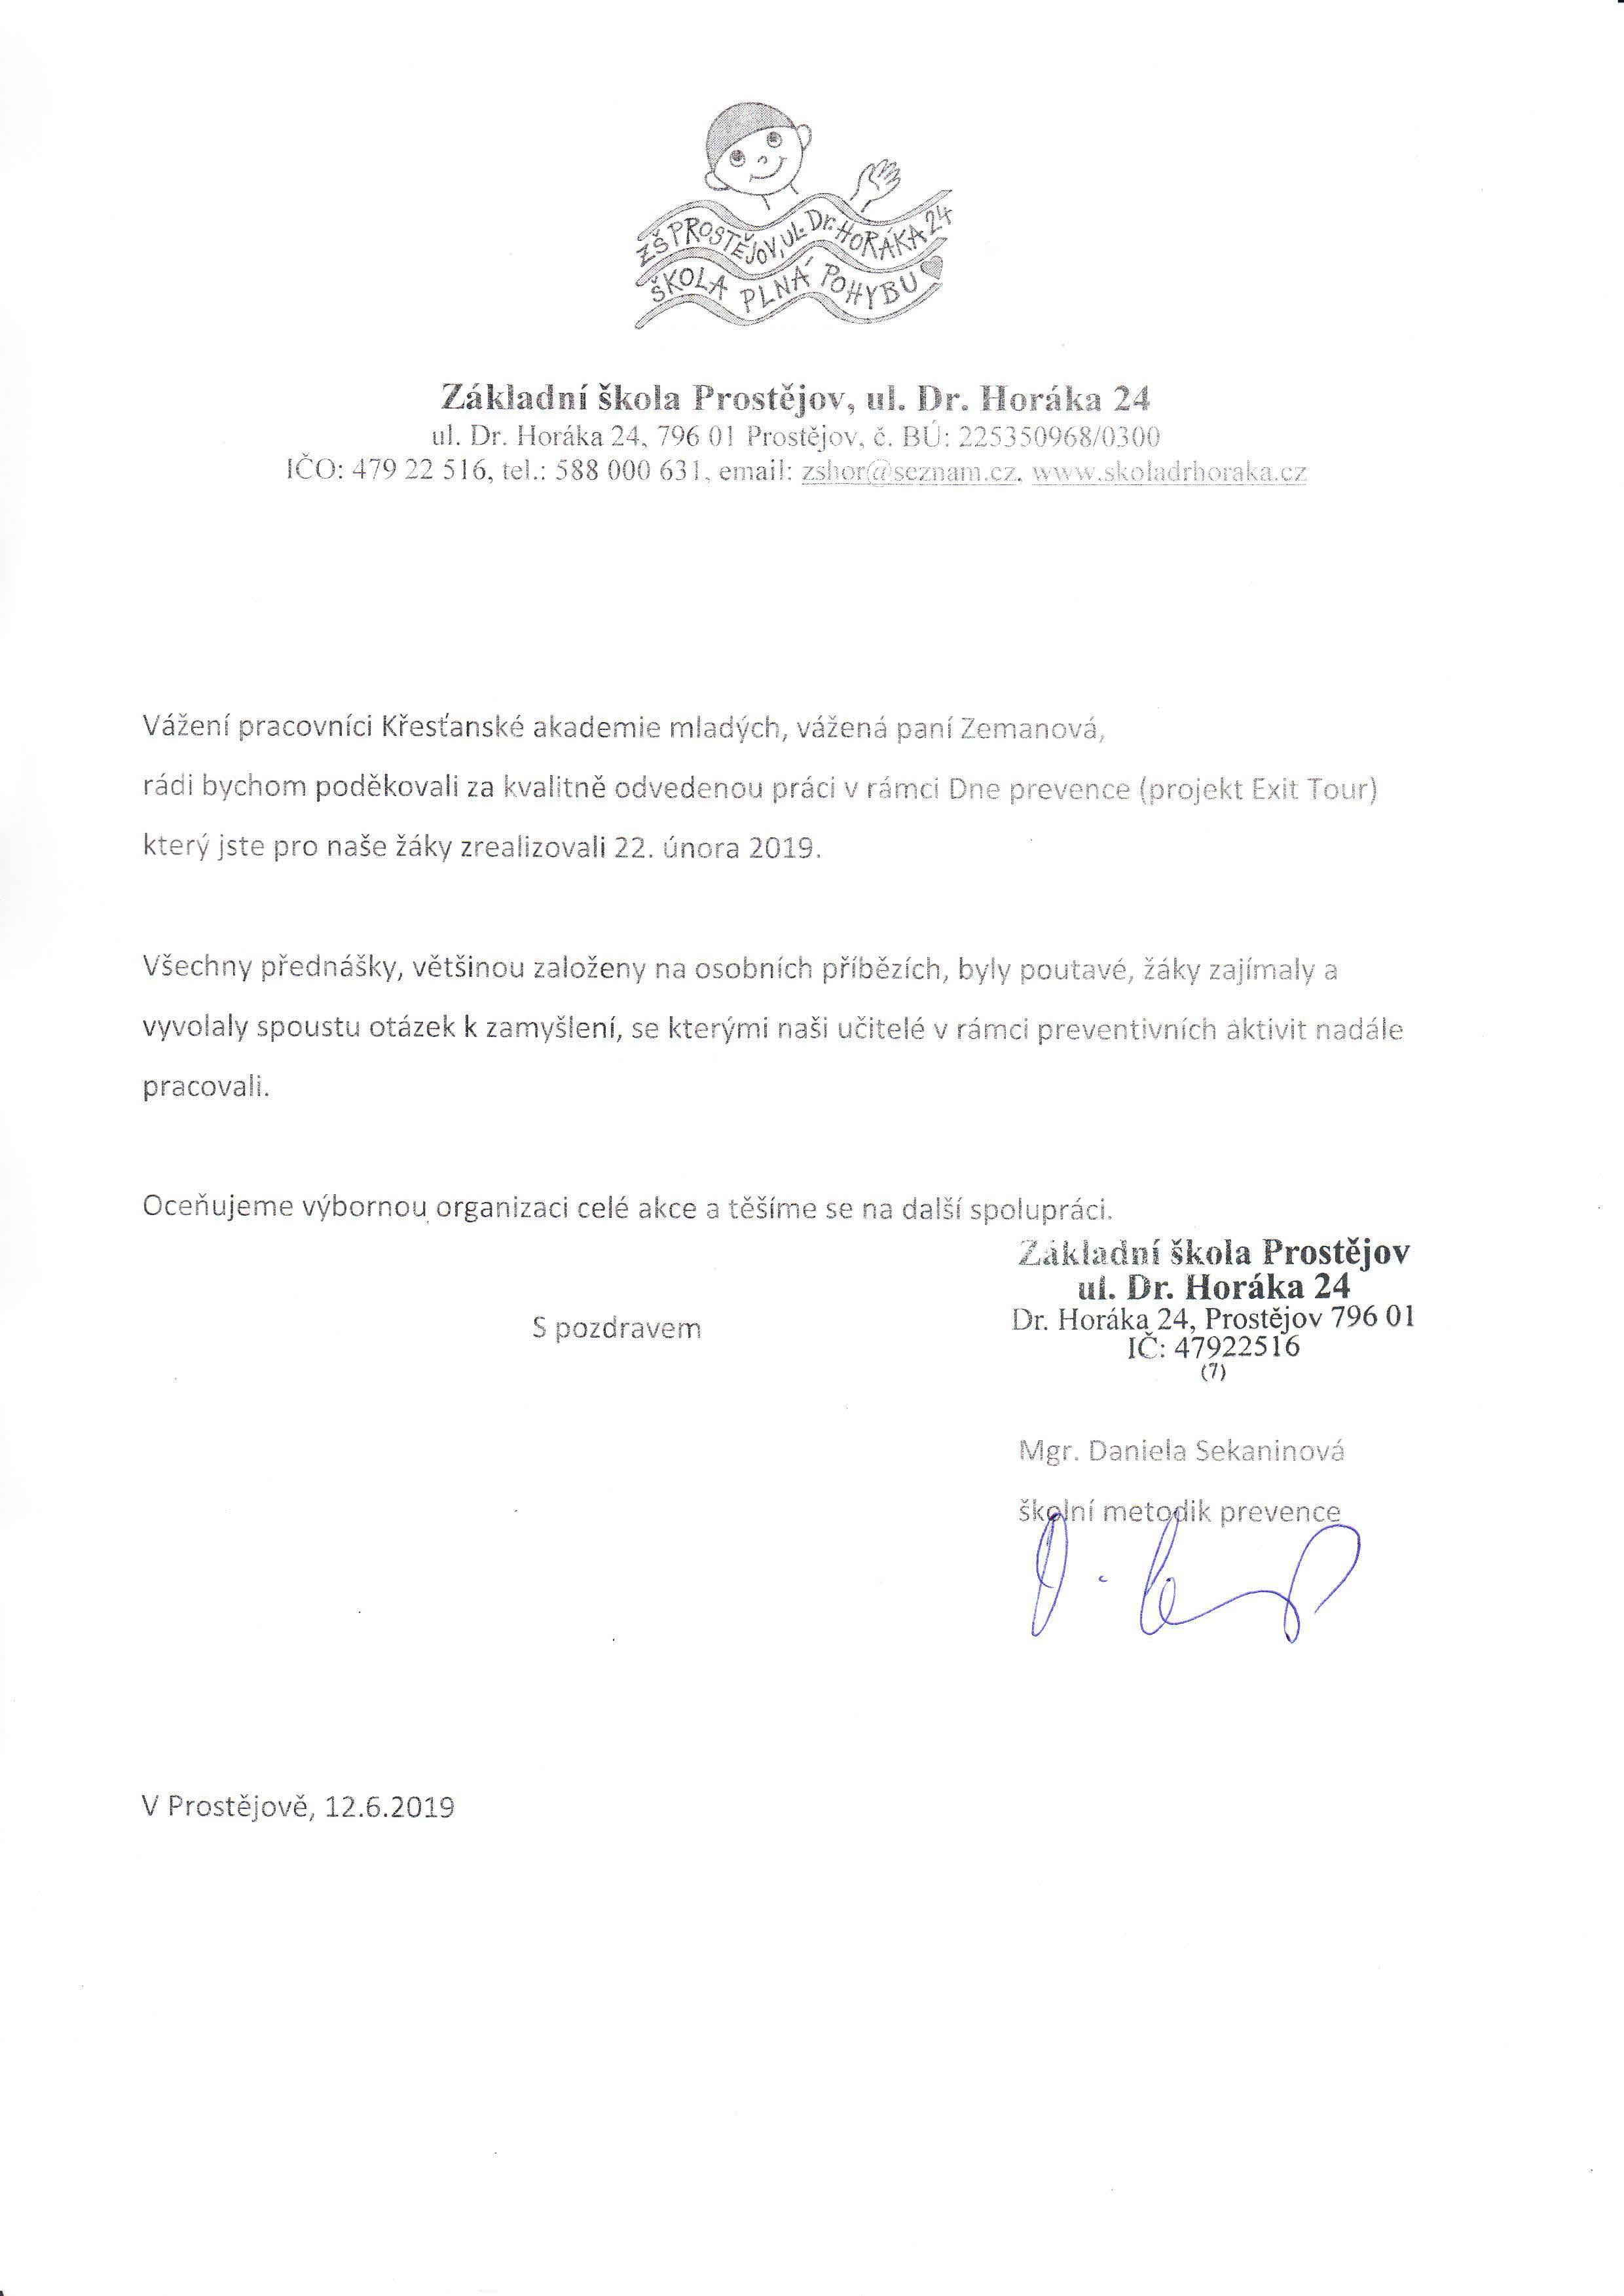 ZŠ Dr. Horáka, PROSTĚJOV.jpg